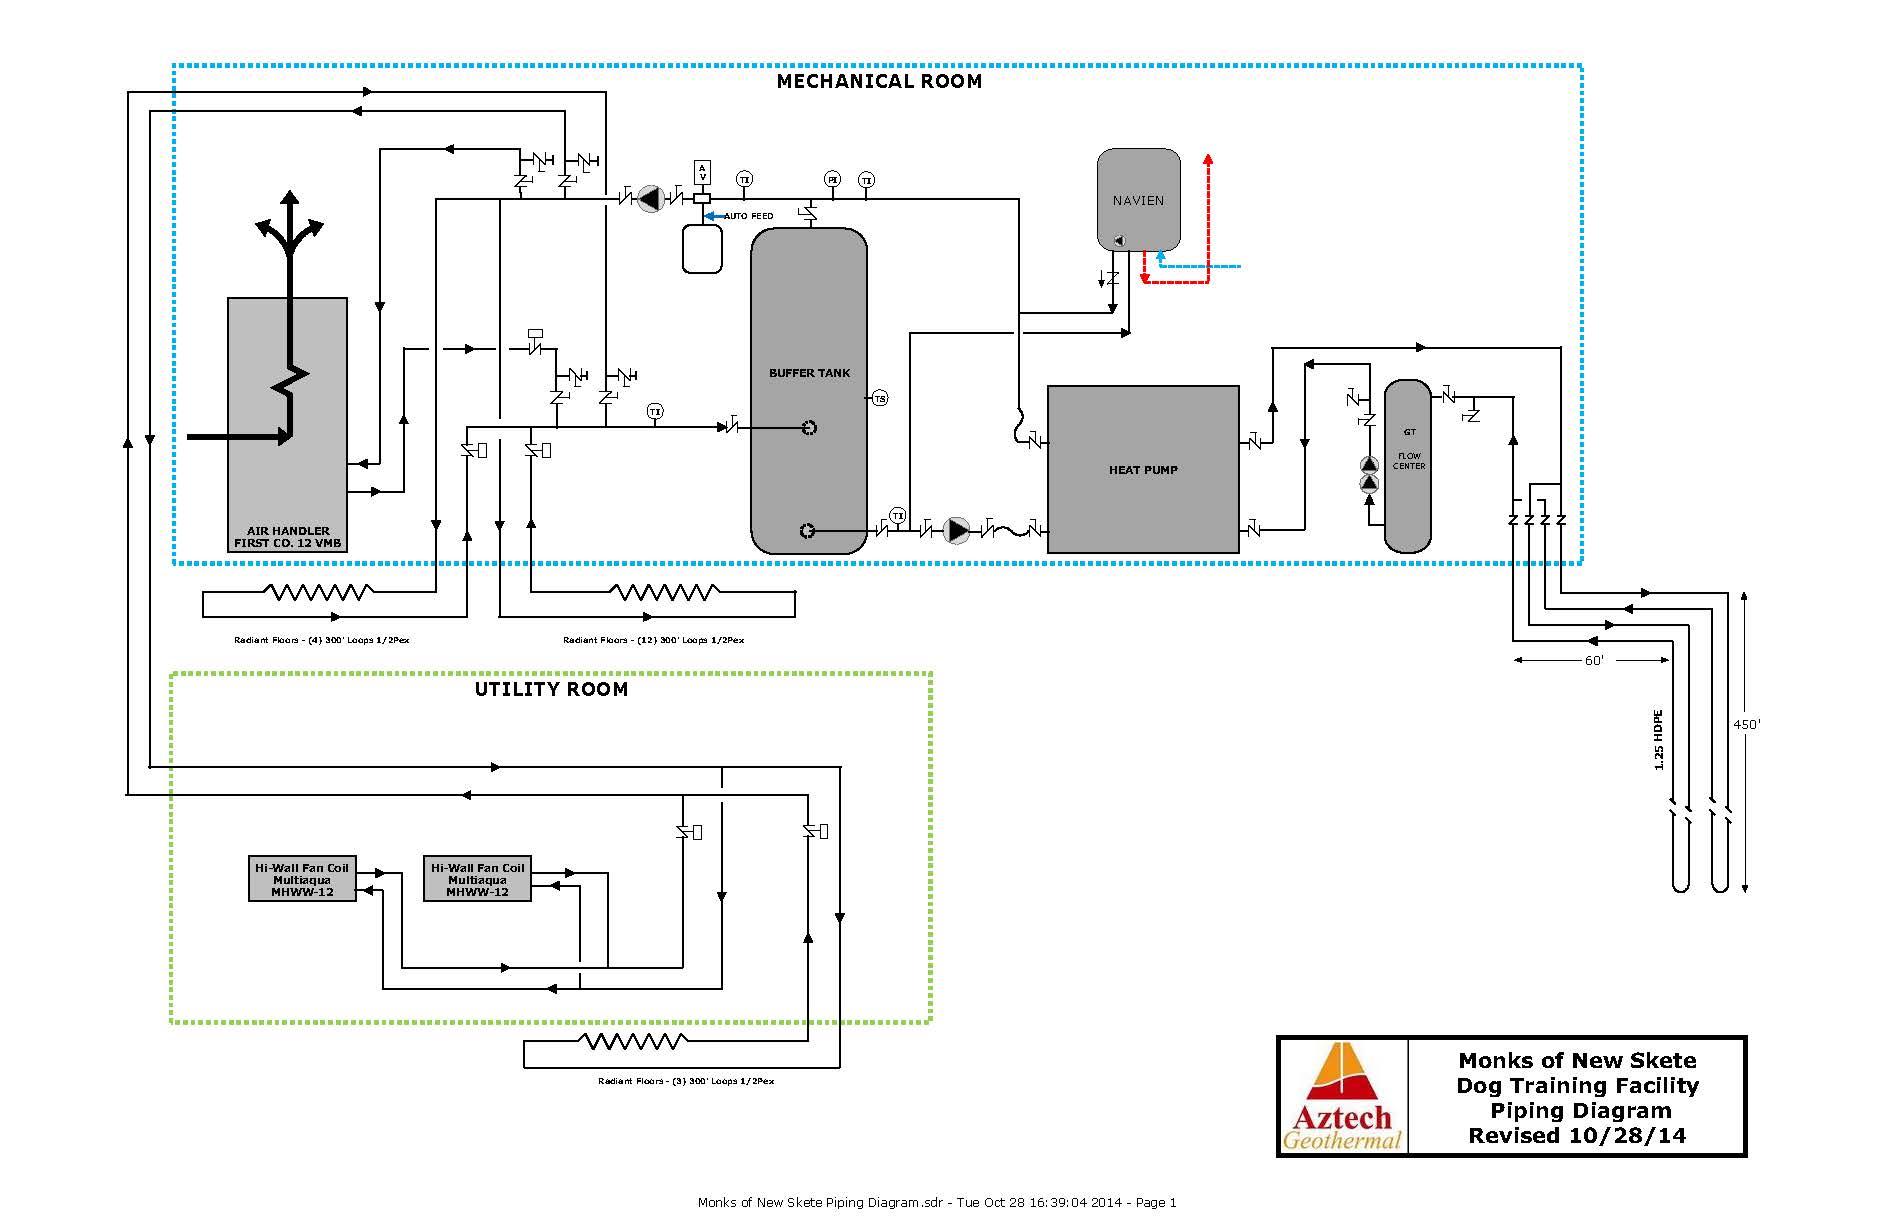 Geothermal heating & cooling, heat pumps, heat exchange loops - How it works